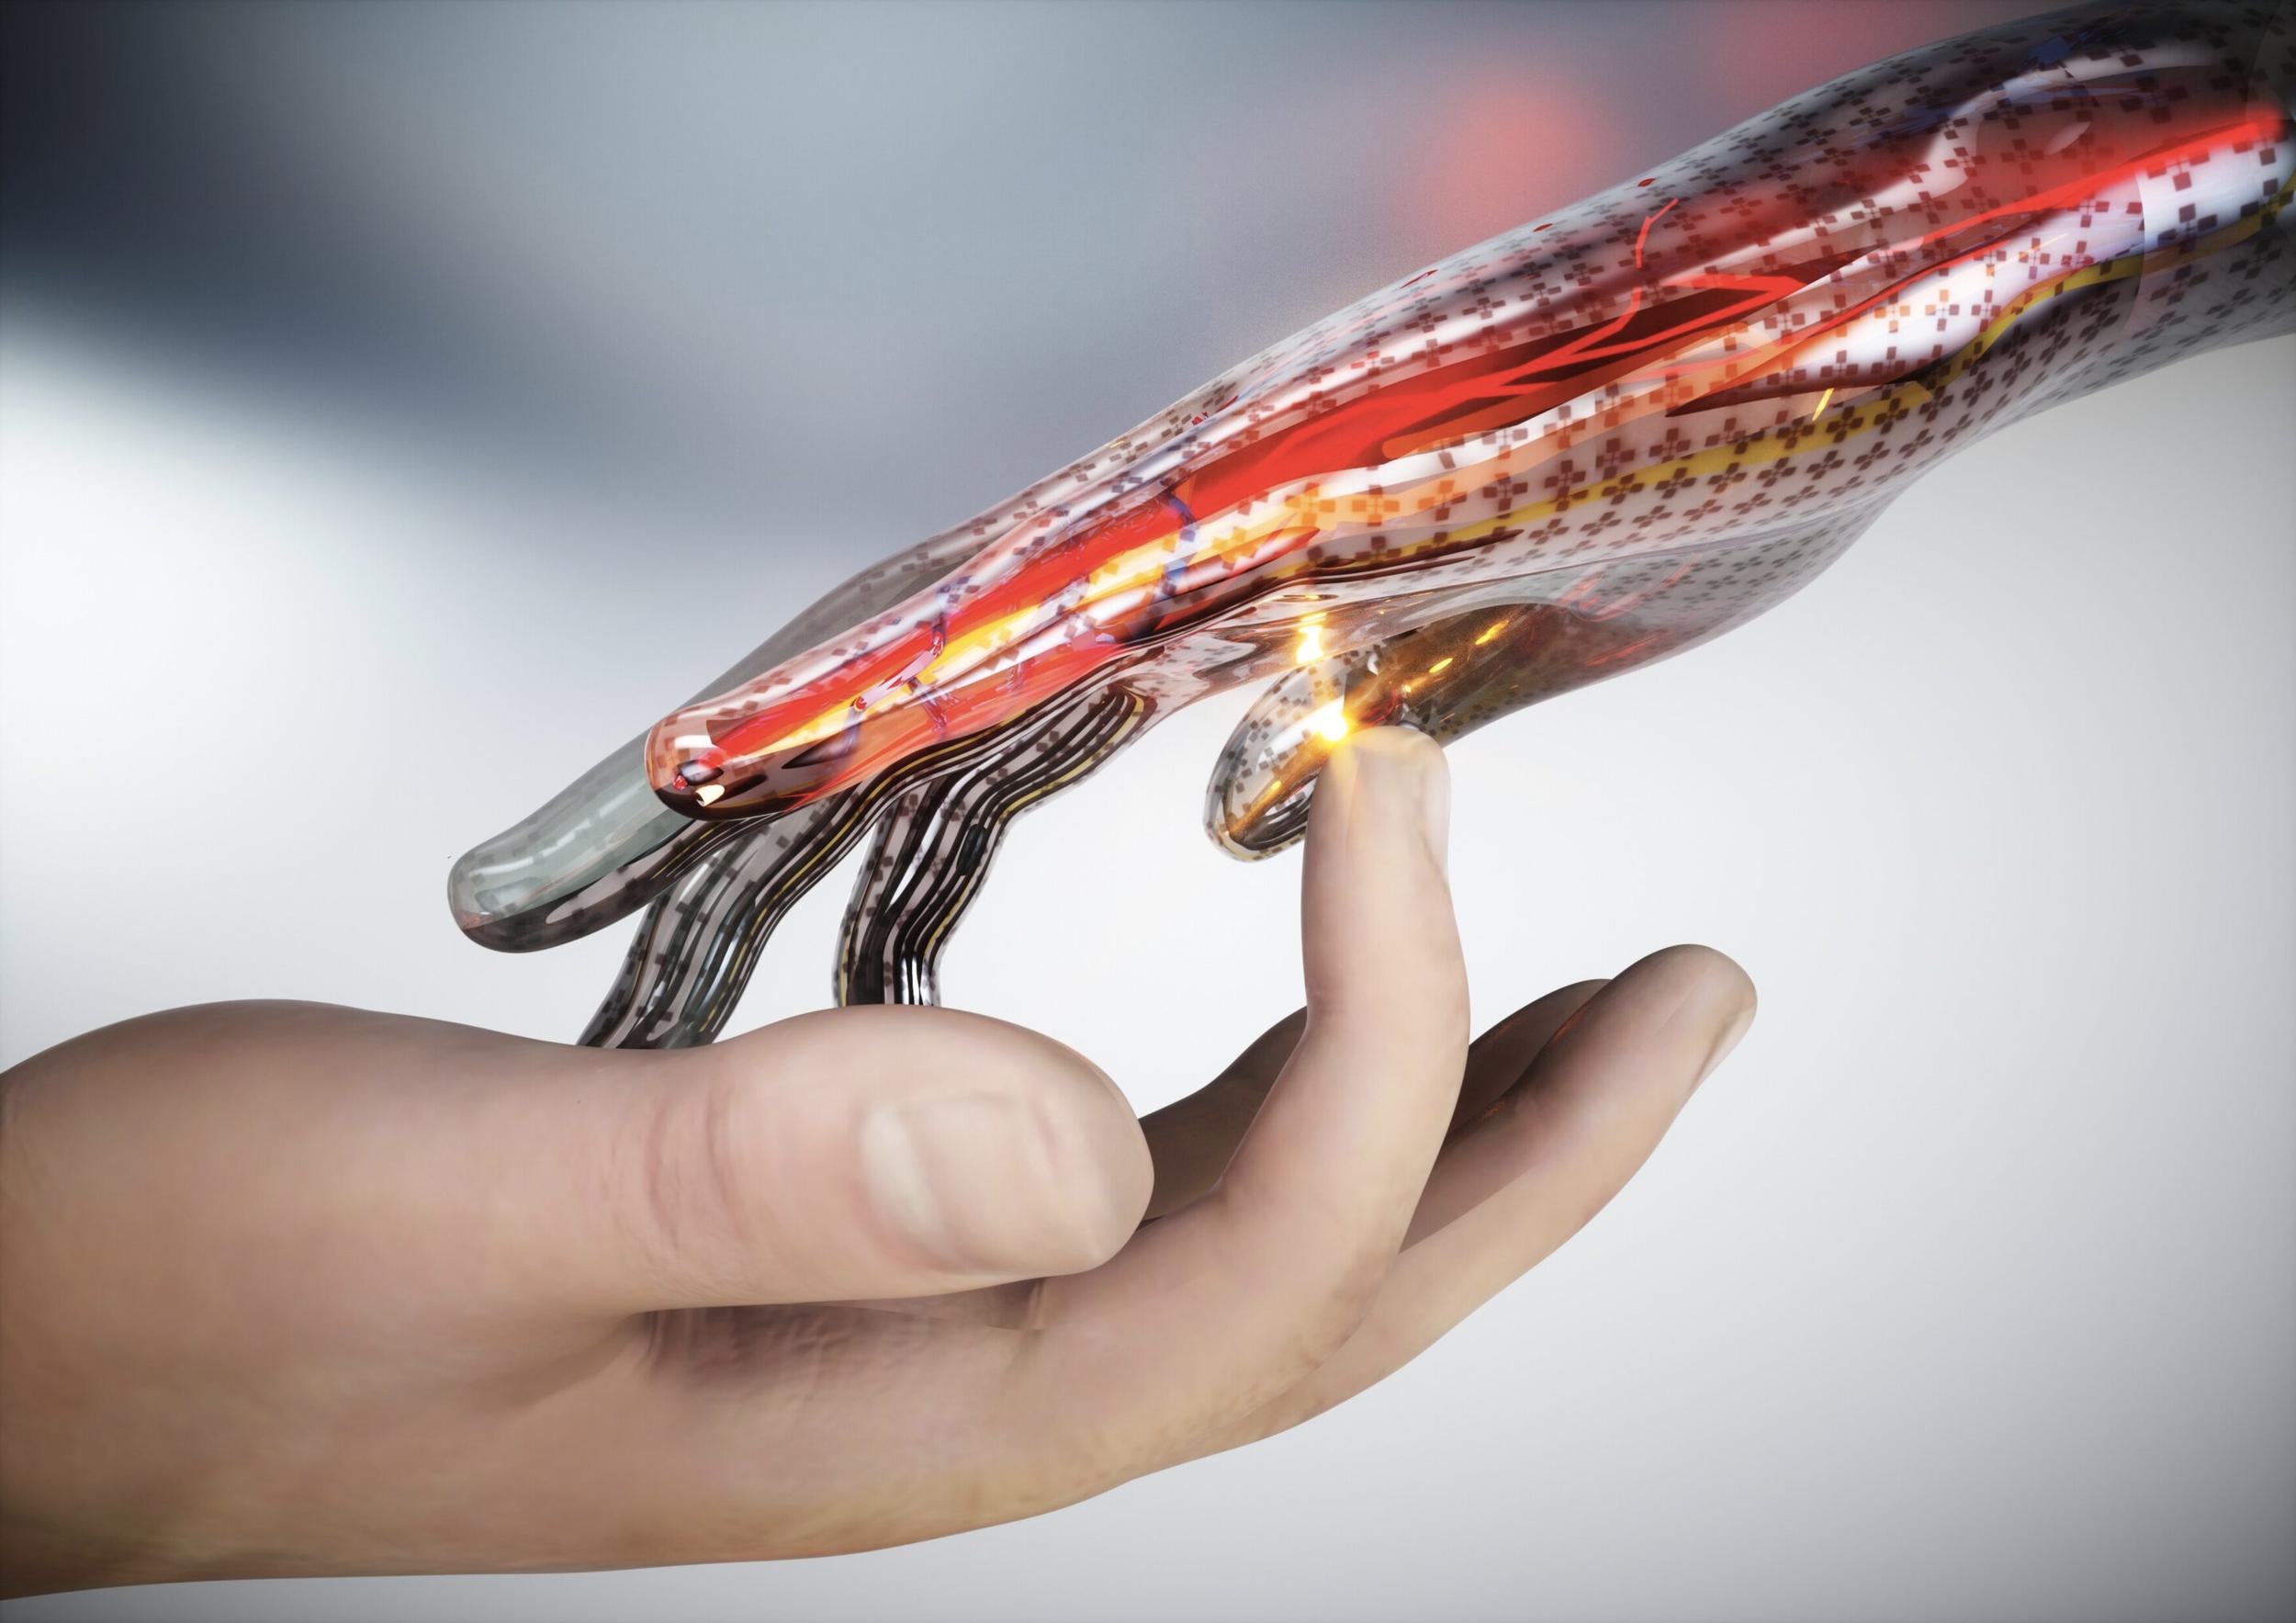 Австралійські вчені розробили електронну шкіру, здатну відчувати біль